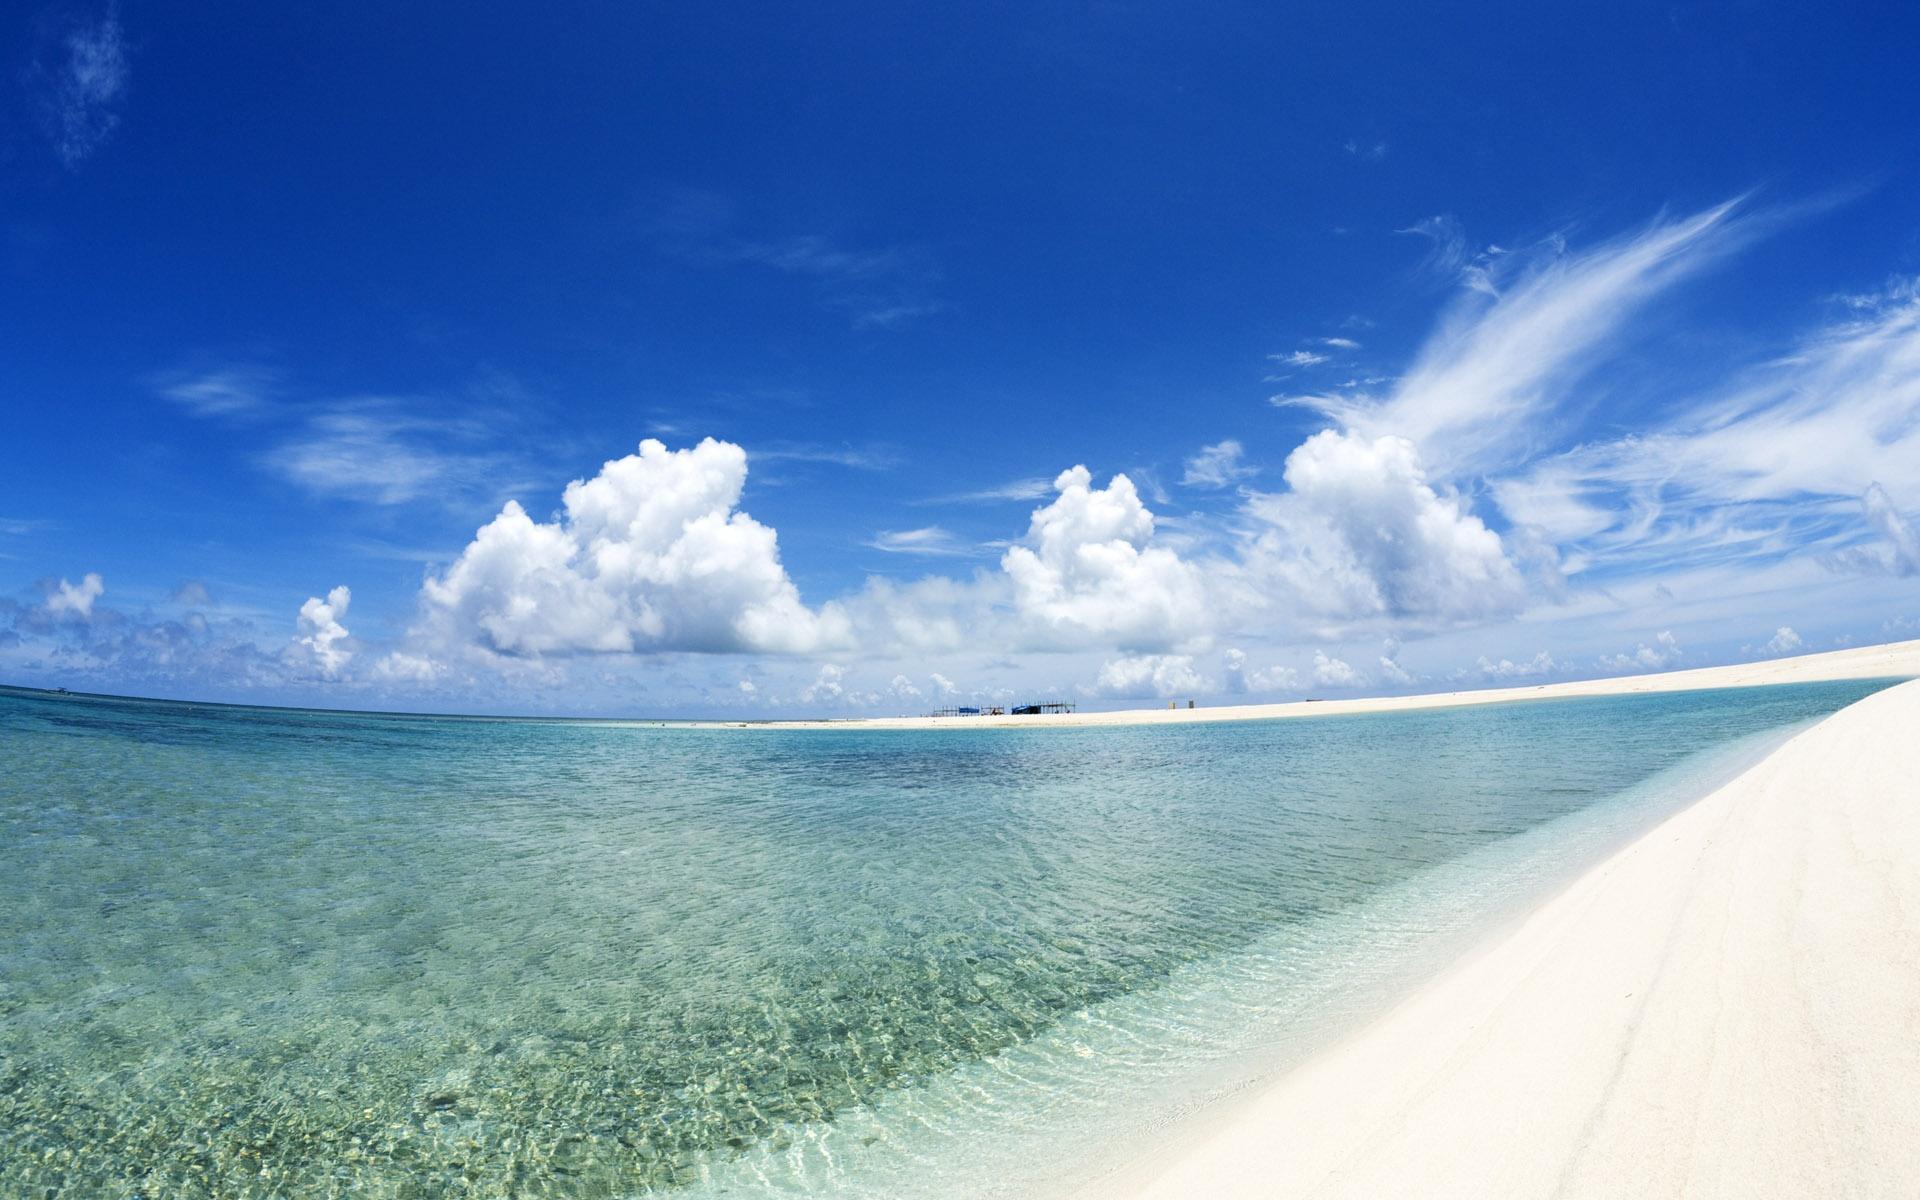 природа море горизонт небо облака пляж берег отдых nature sea horizon the sky clouds beach shore rest  № 821631  скачать